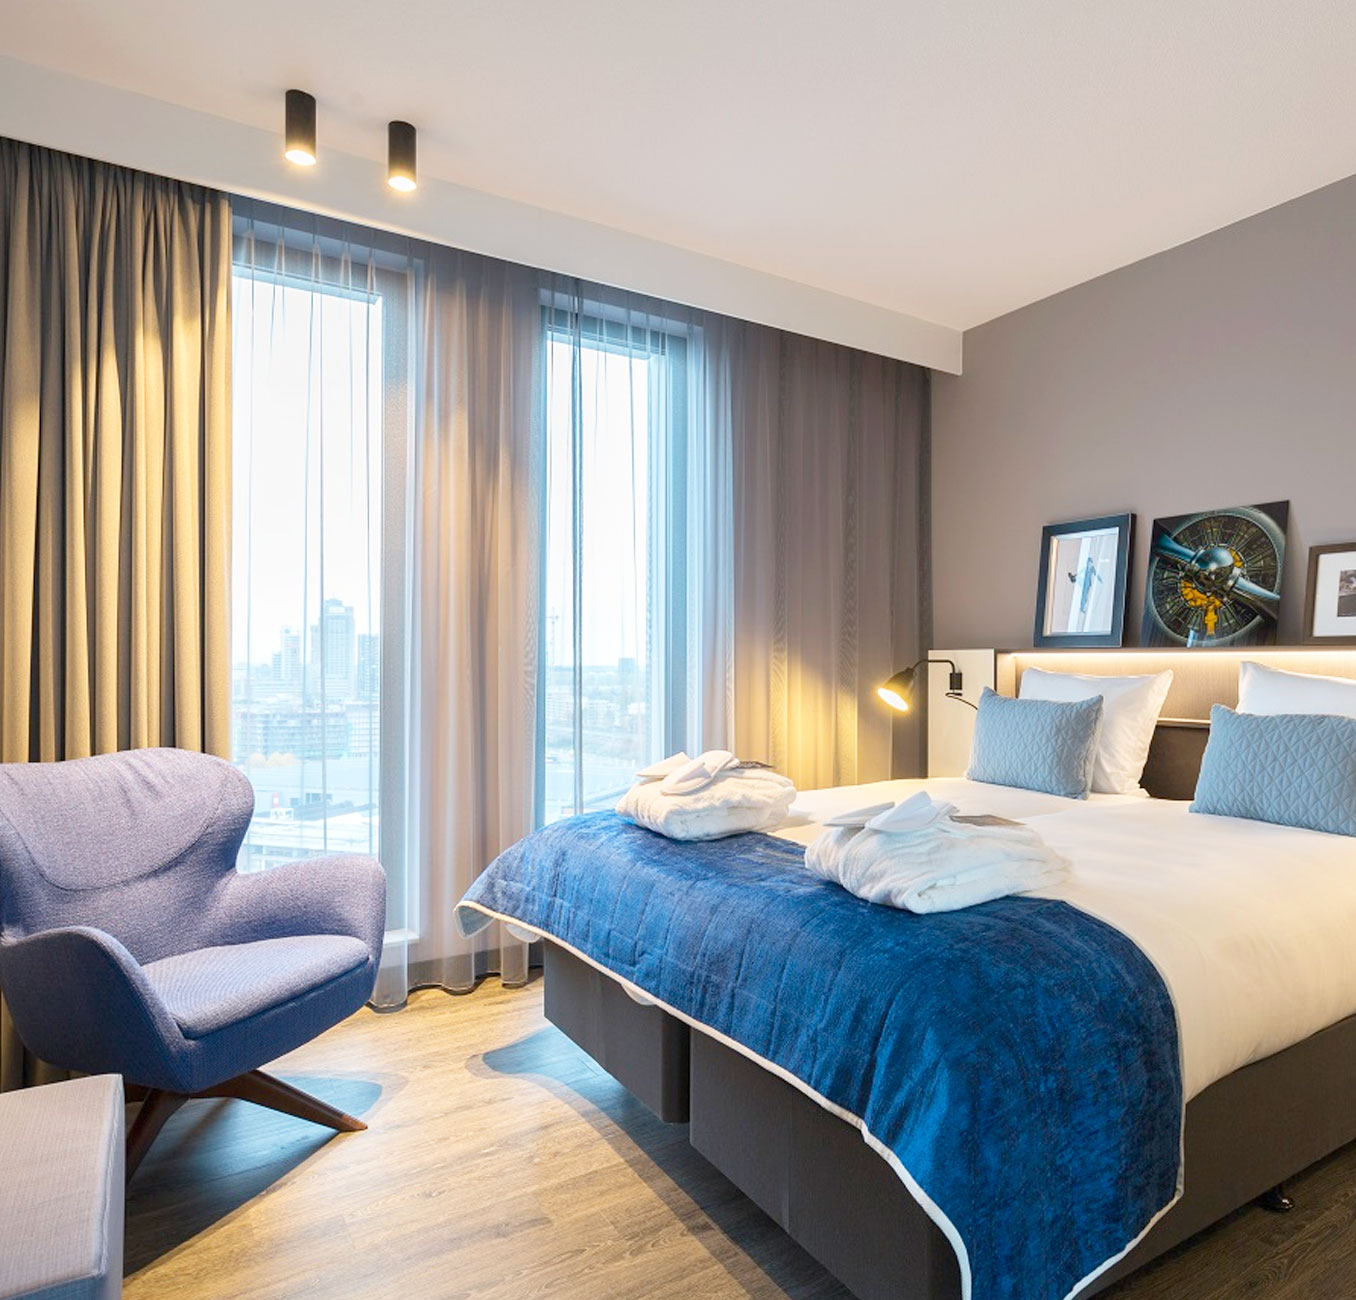 Hotel-Postillion Room